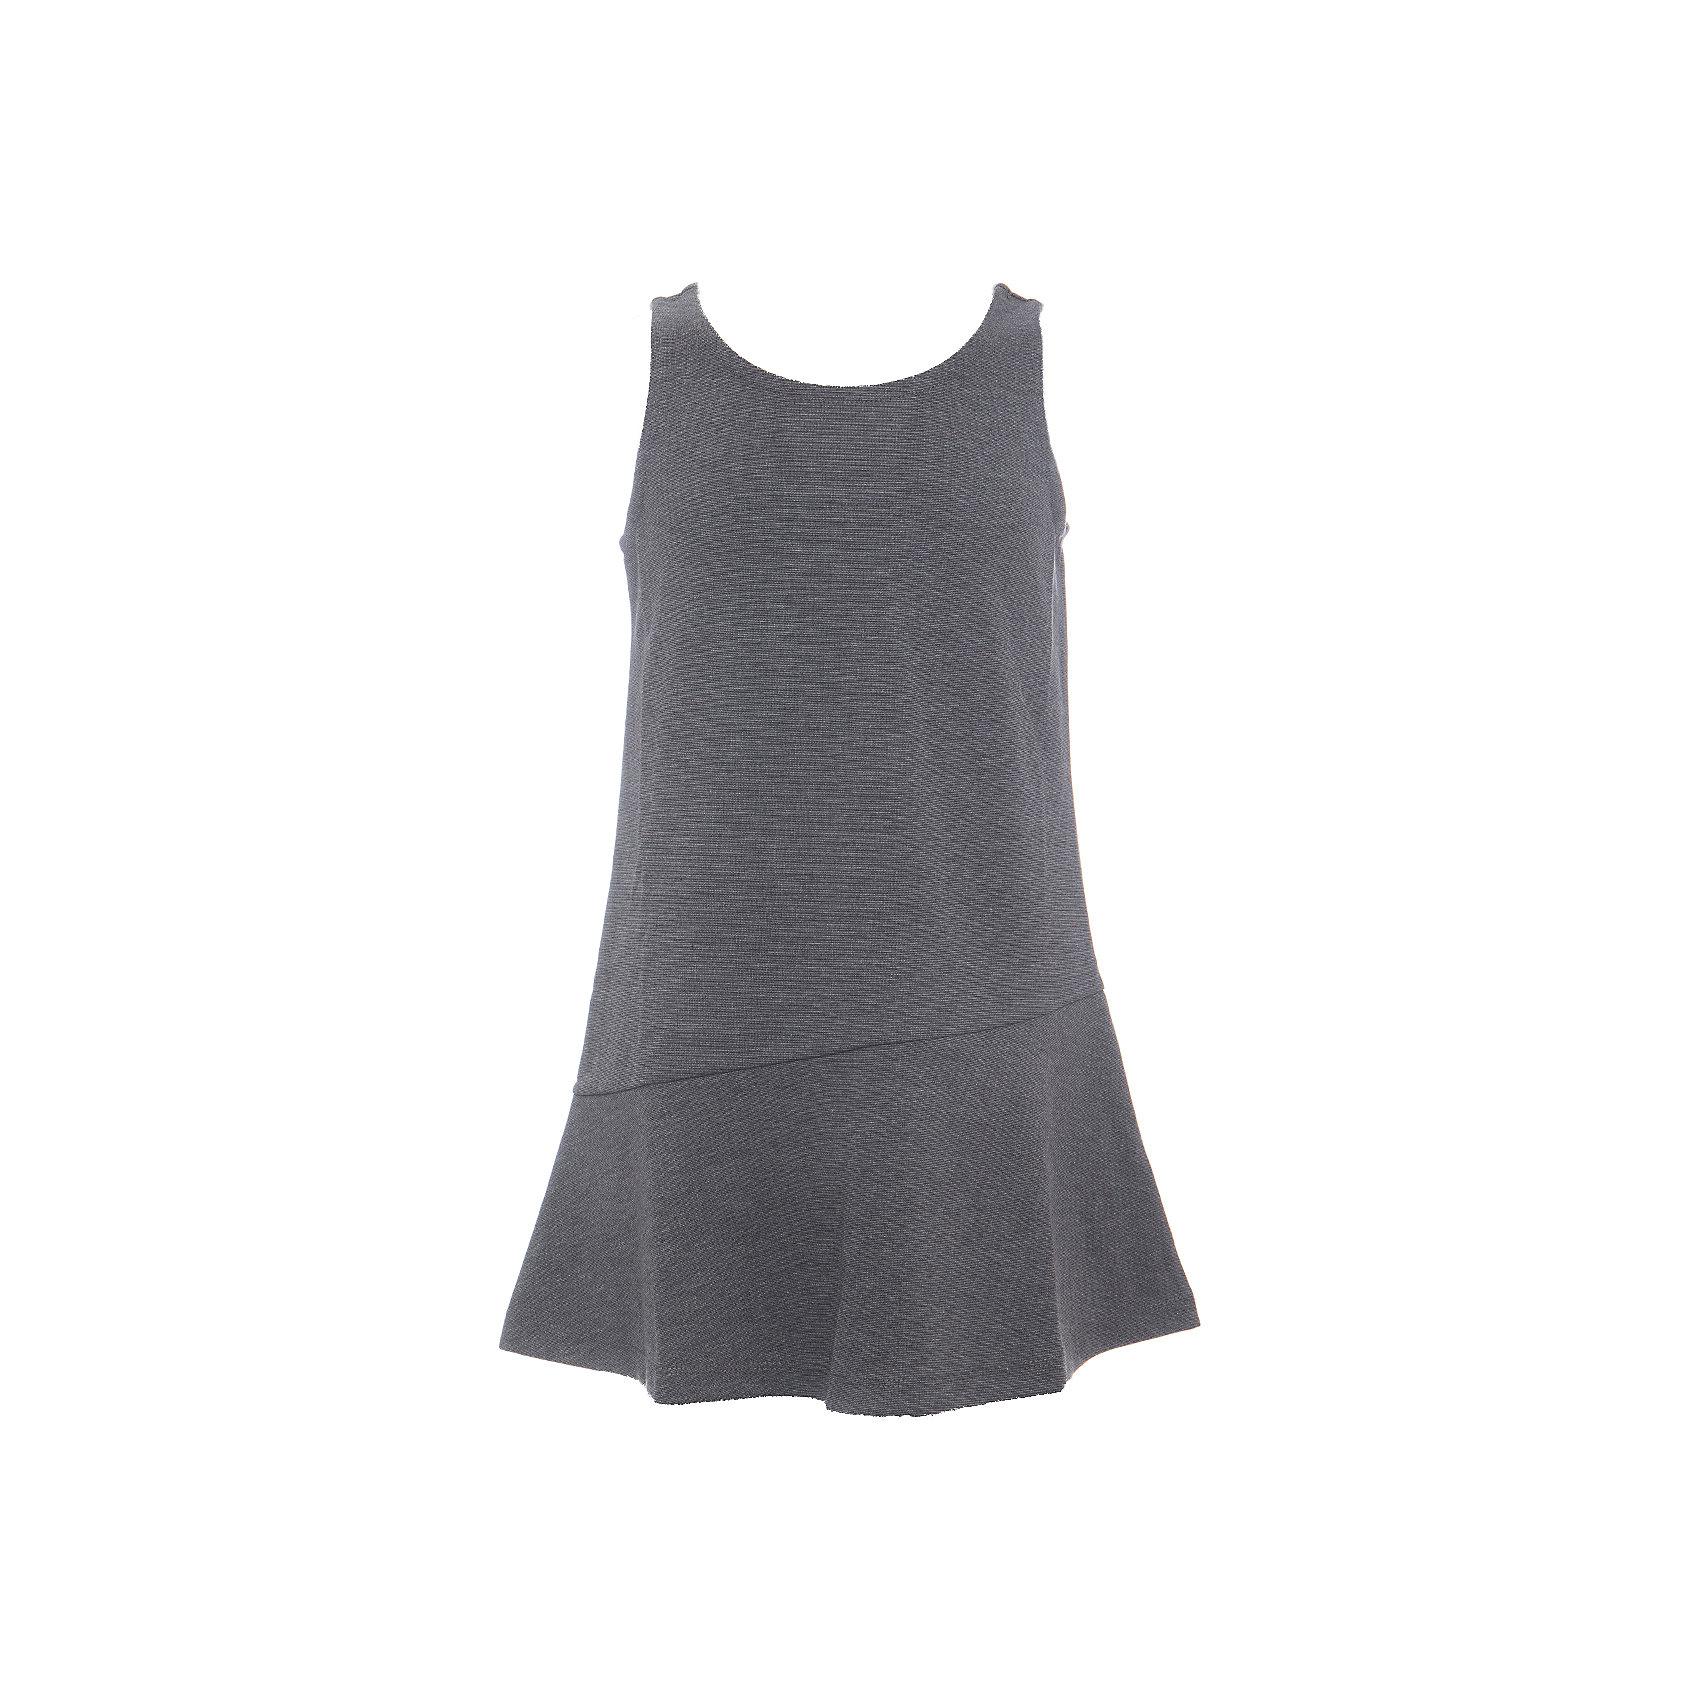 Платье SELA для девочкиПлатья и сарафаны<br>Характеристики товара:<br><br>• цвет: темно-серый меланж;<br>• состав: 75% полиэстер, 21% вискоза, 4% эластан;<br>• сезон: демисезон;<br>• особенности: школьный, повседневный;<br>• без рукавов;<br>• полуприлегающий, расширенный к низу силуэт;<br>• страна бренда: Россия;<br>• страна изготовитель: Китай.<br><br>Школьный сарафан без рукавов для девочки. Силуэт полуприлегающий, расширенный к низу. Однотонный сарафан выполнен в цвете темно-серый меланж.<br><br>Платье Sela (Села) для девочки можно купить в нашем интернет-магазине.<br><br>Ширина мм: 236<br>Глубина мм: 16<br>Высота мм: 184<br>Вес г: 177<br>Цвет: серый<br>Возраст от месяцев: 132<br>Возраст до месяцев: 144<br>Пол: Женский<br>Возраст: Детский<br>Размер: 152,164,122,128,134,140,146<br>SKU: 7009618